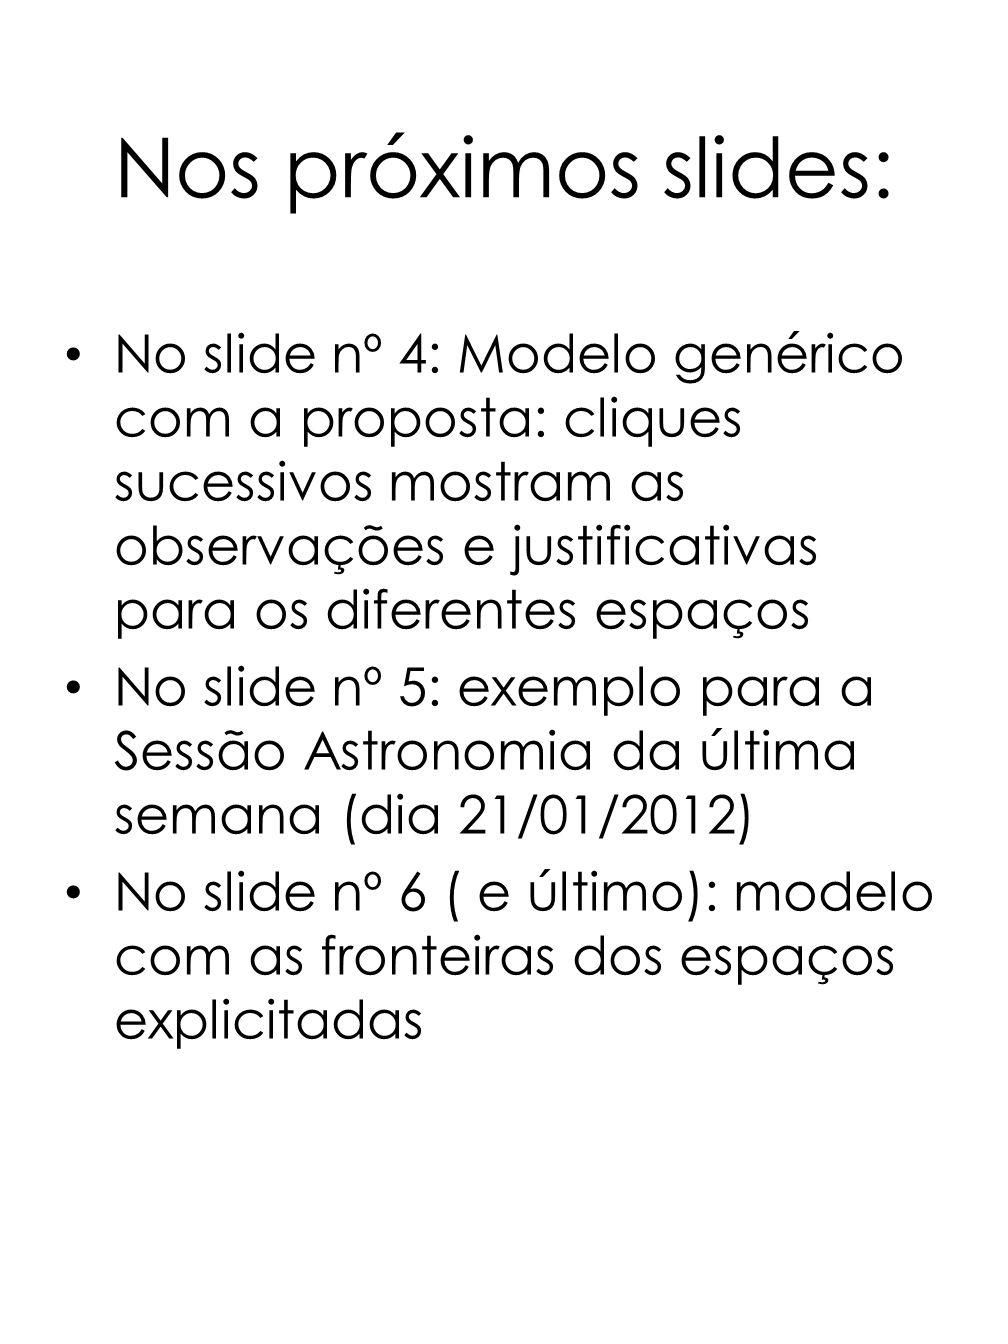 Nos próximos slides: No slide nº 4: Modelo genérico com a proposta: cliques sucessivos mostram as observações e justificativas para os diferentes espaços No slide nº 5: exemplo para a Sessão Astronomia da última semana (dia 21/01/2012) No slide nº 6 ( e último): modelo com as fronteiras dos espaços explicitadas